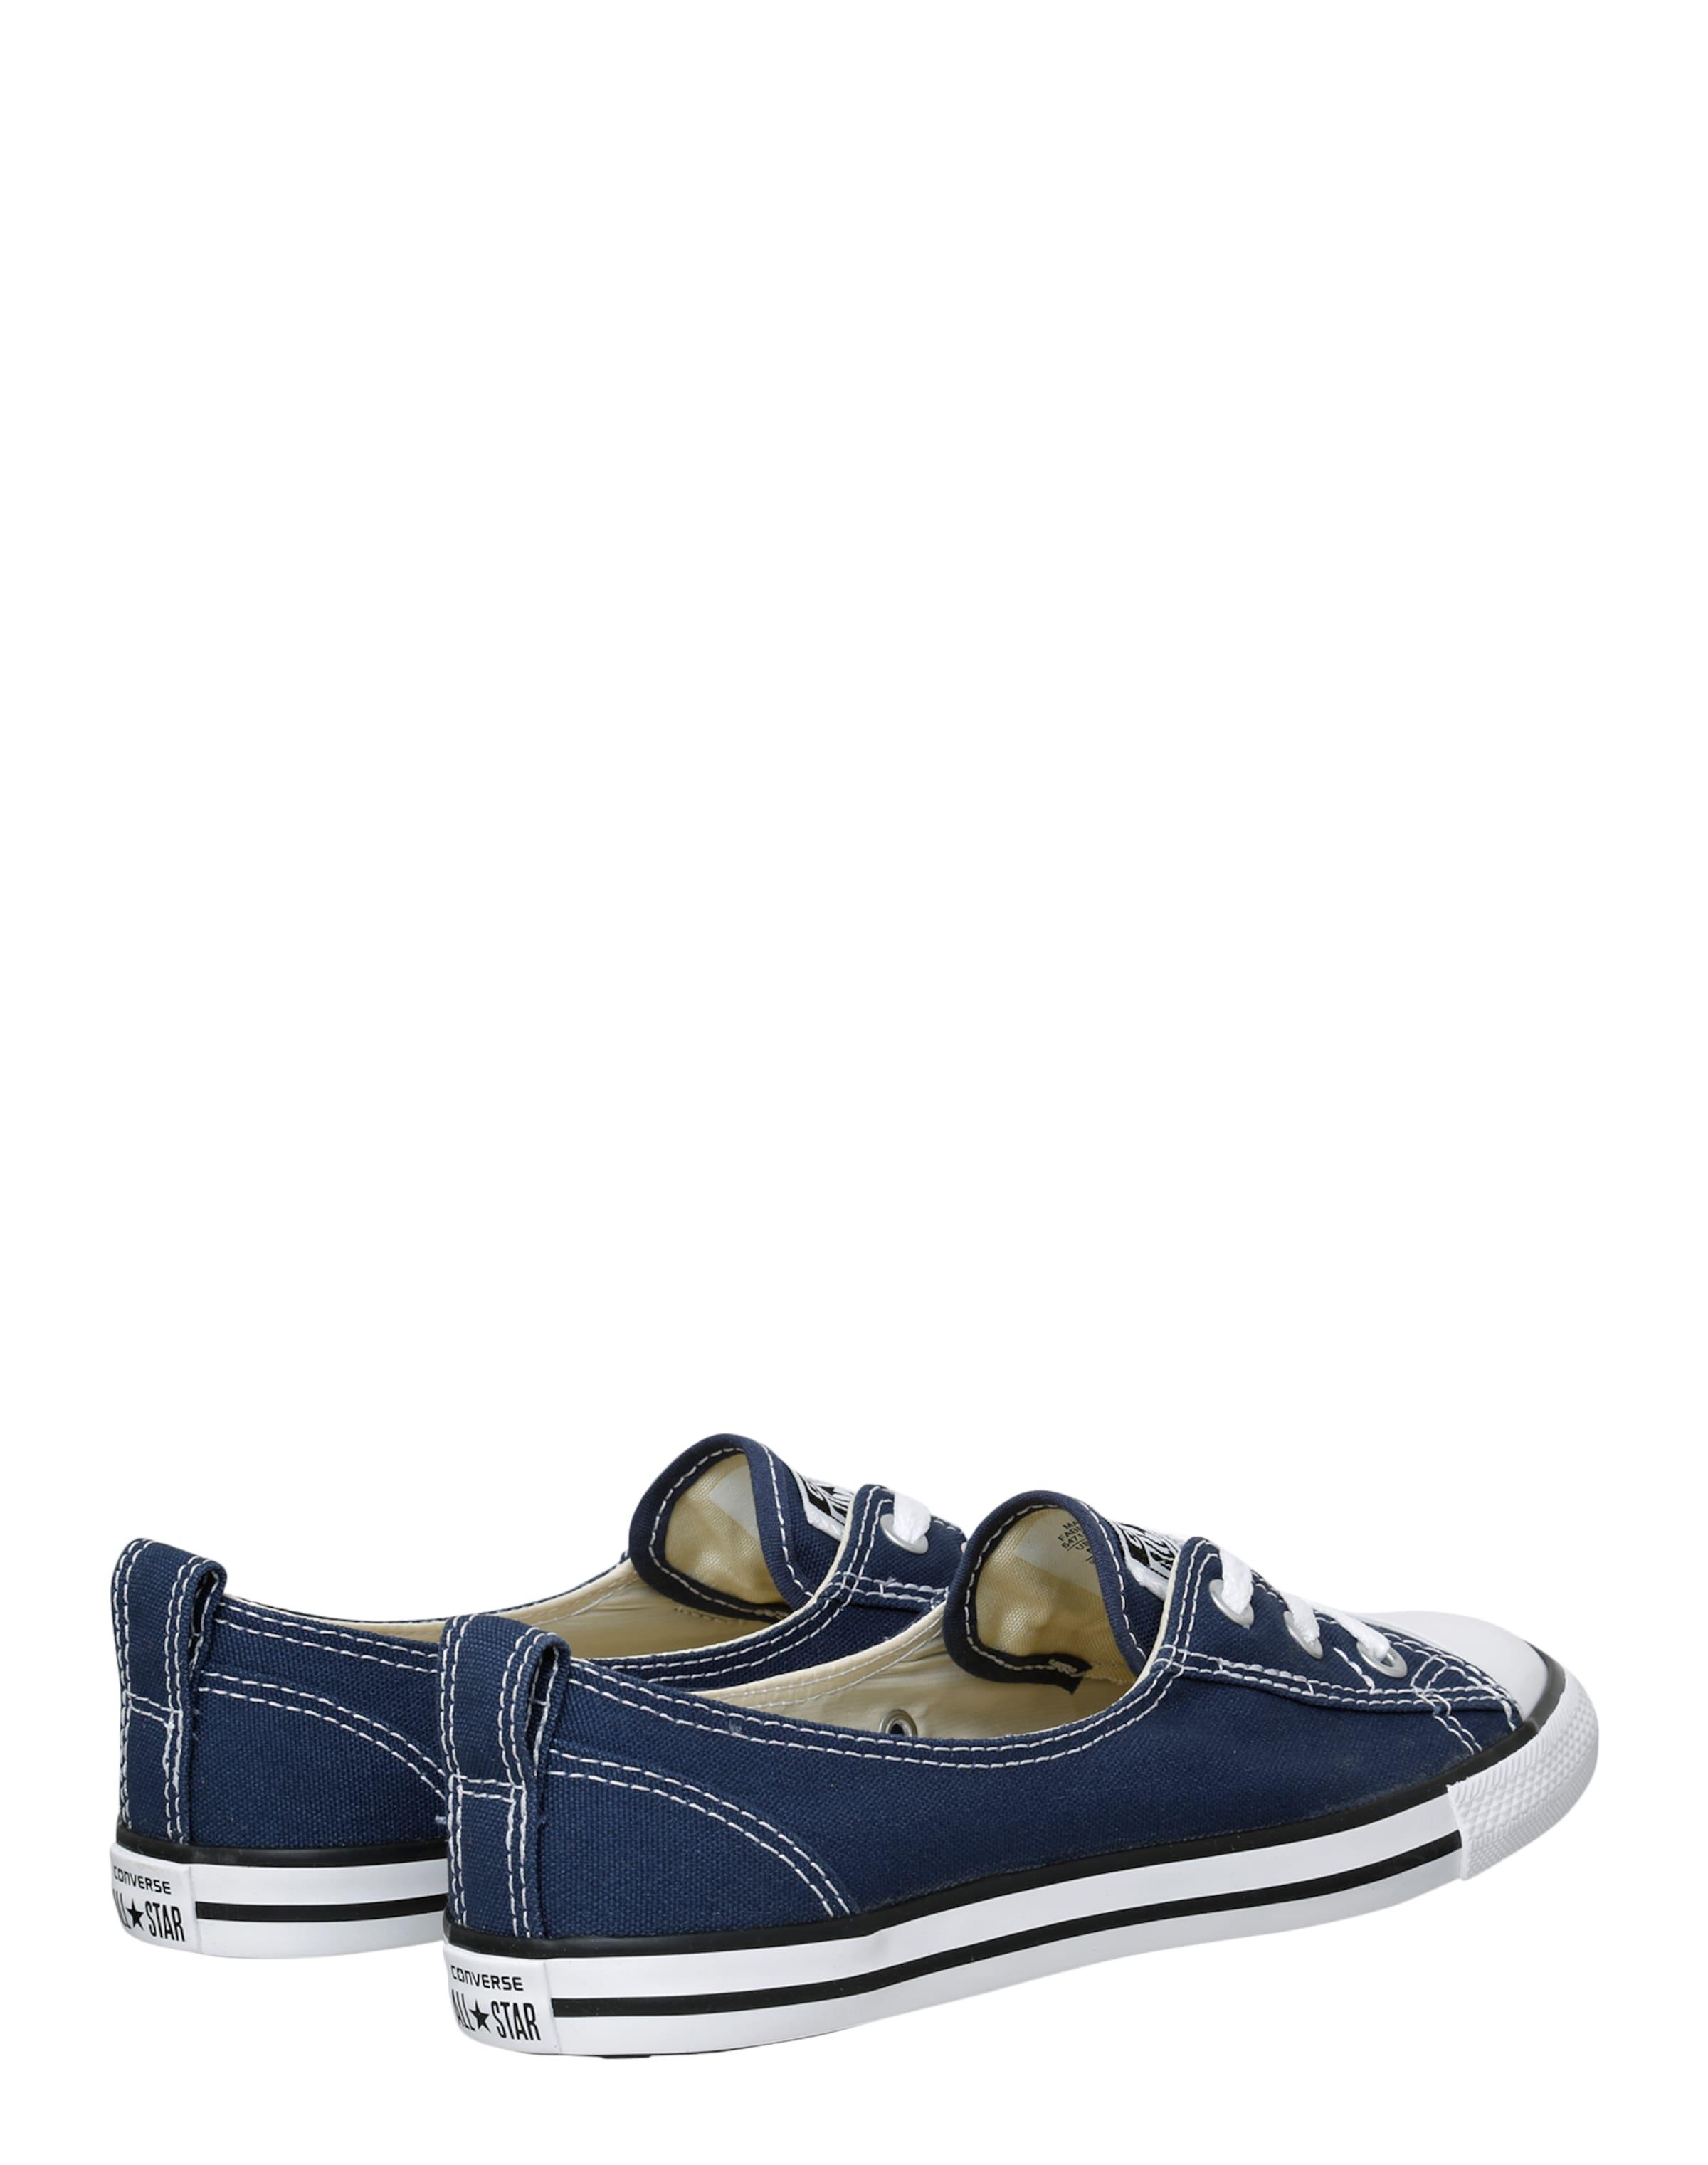 Verkauf Für Billig CONVERSE Sneaker 'Chuck Taylor All Star' Outlet Rabatt Verkauf Großer Rabatt nUEsyTFEM9